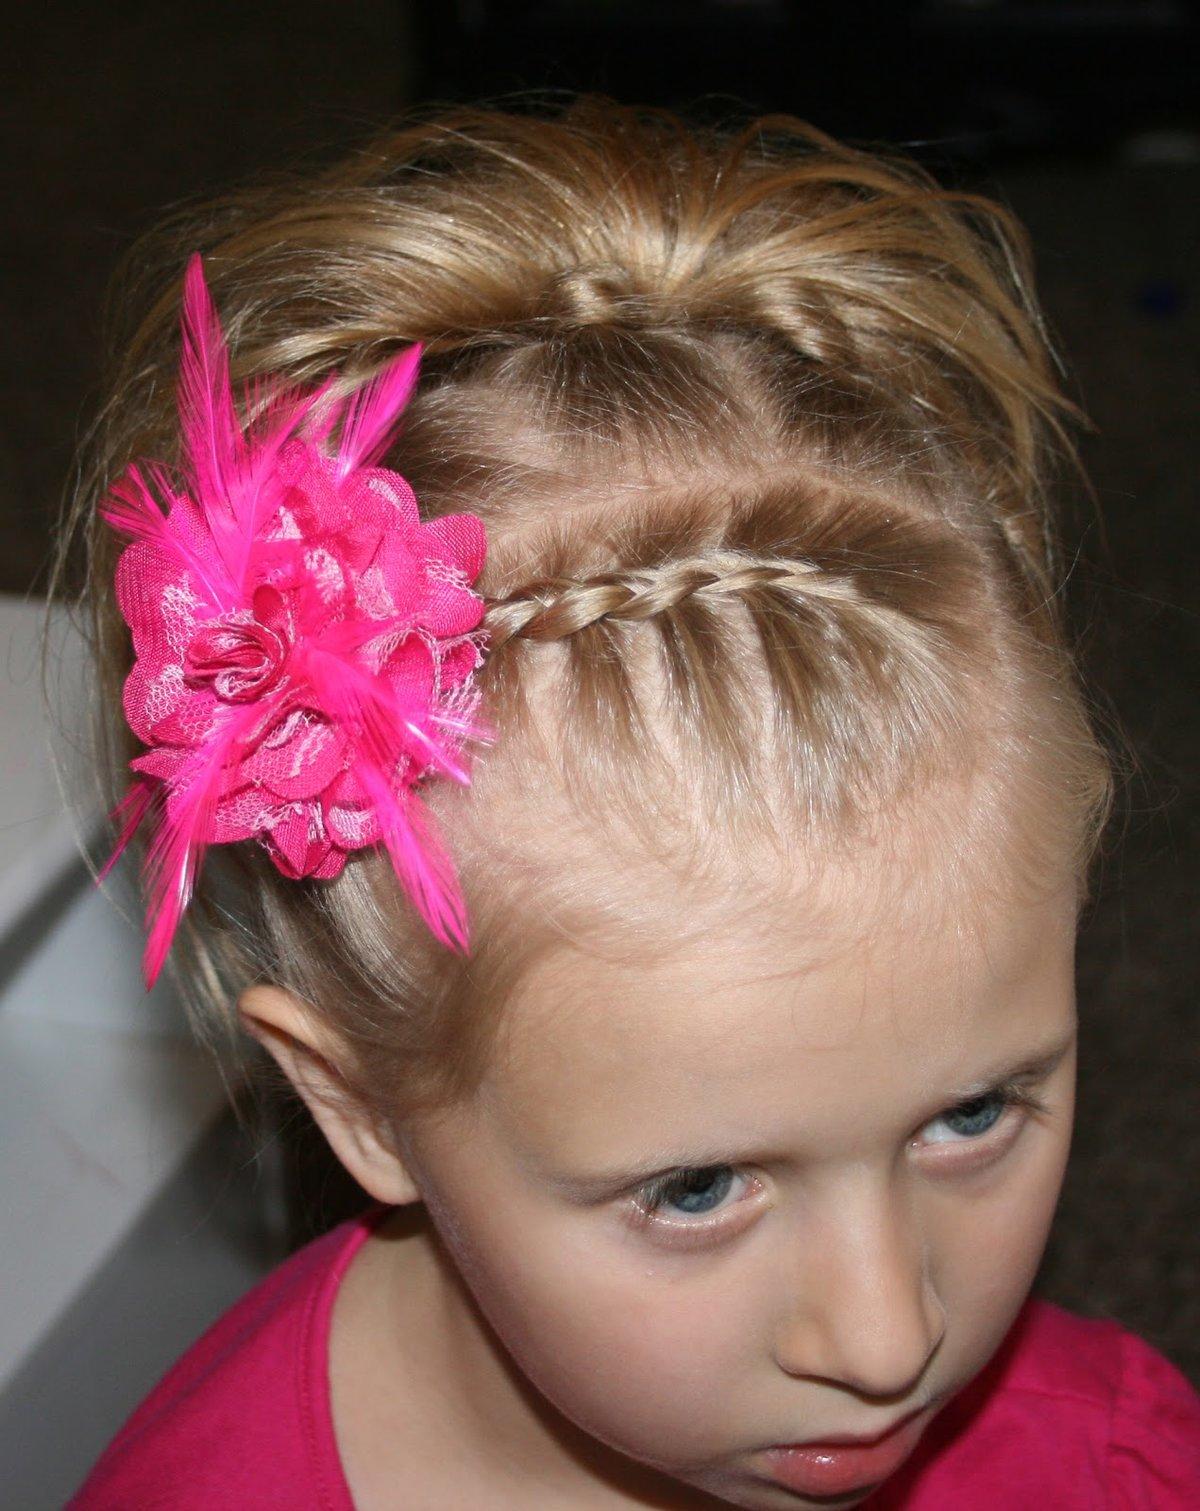 Прически на очень короткие волосы для девочек фото